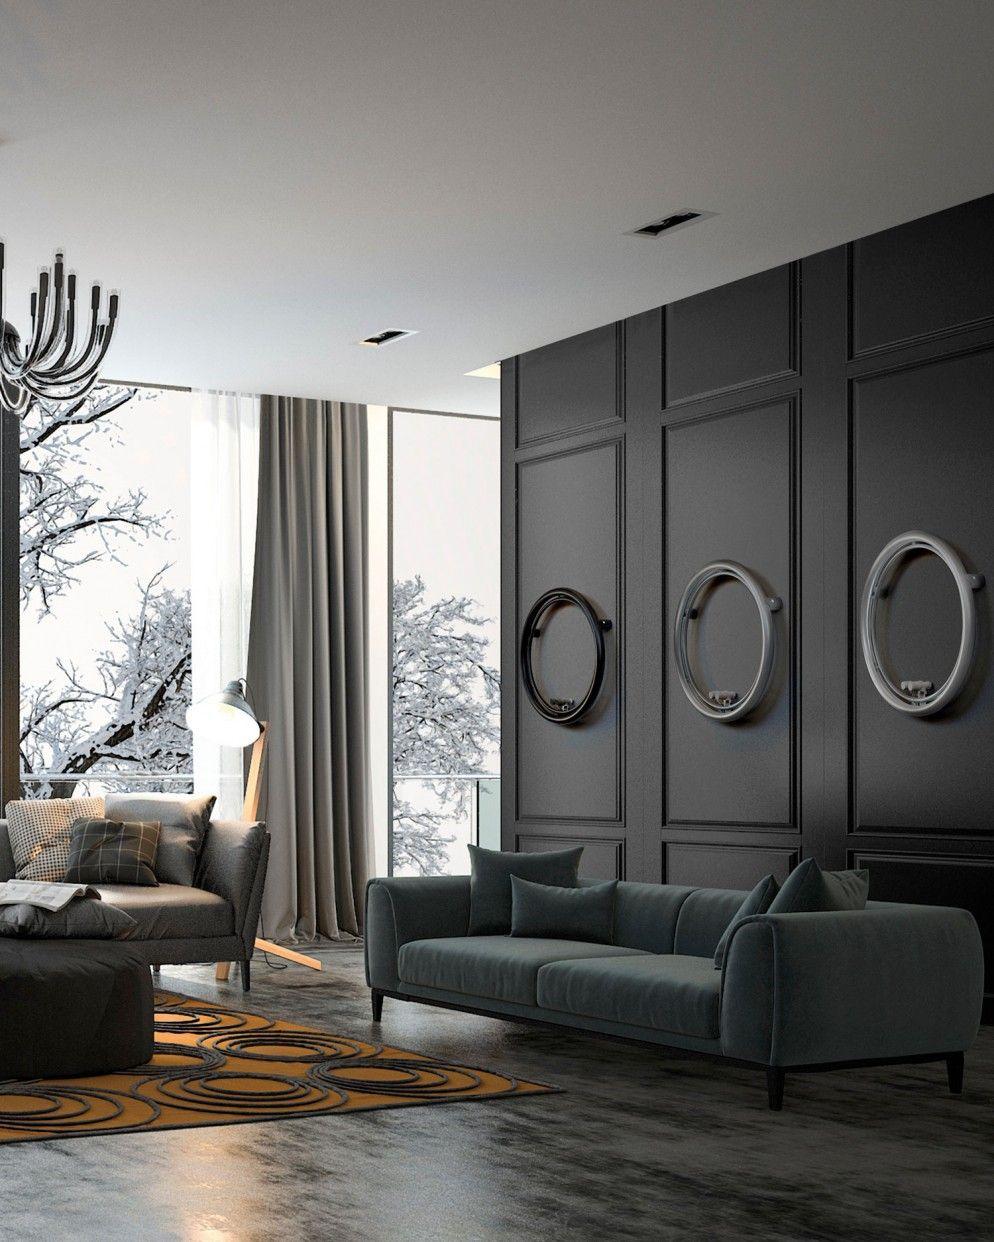 Radiatori che arredano la casa | Arredamento, Design per ...